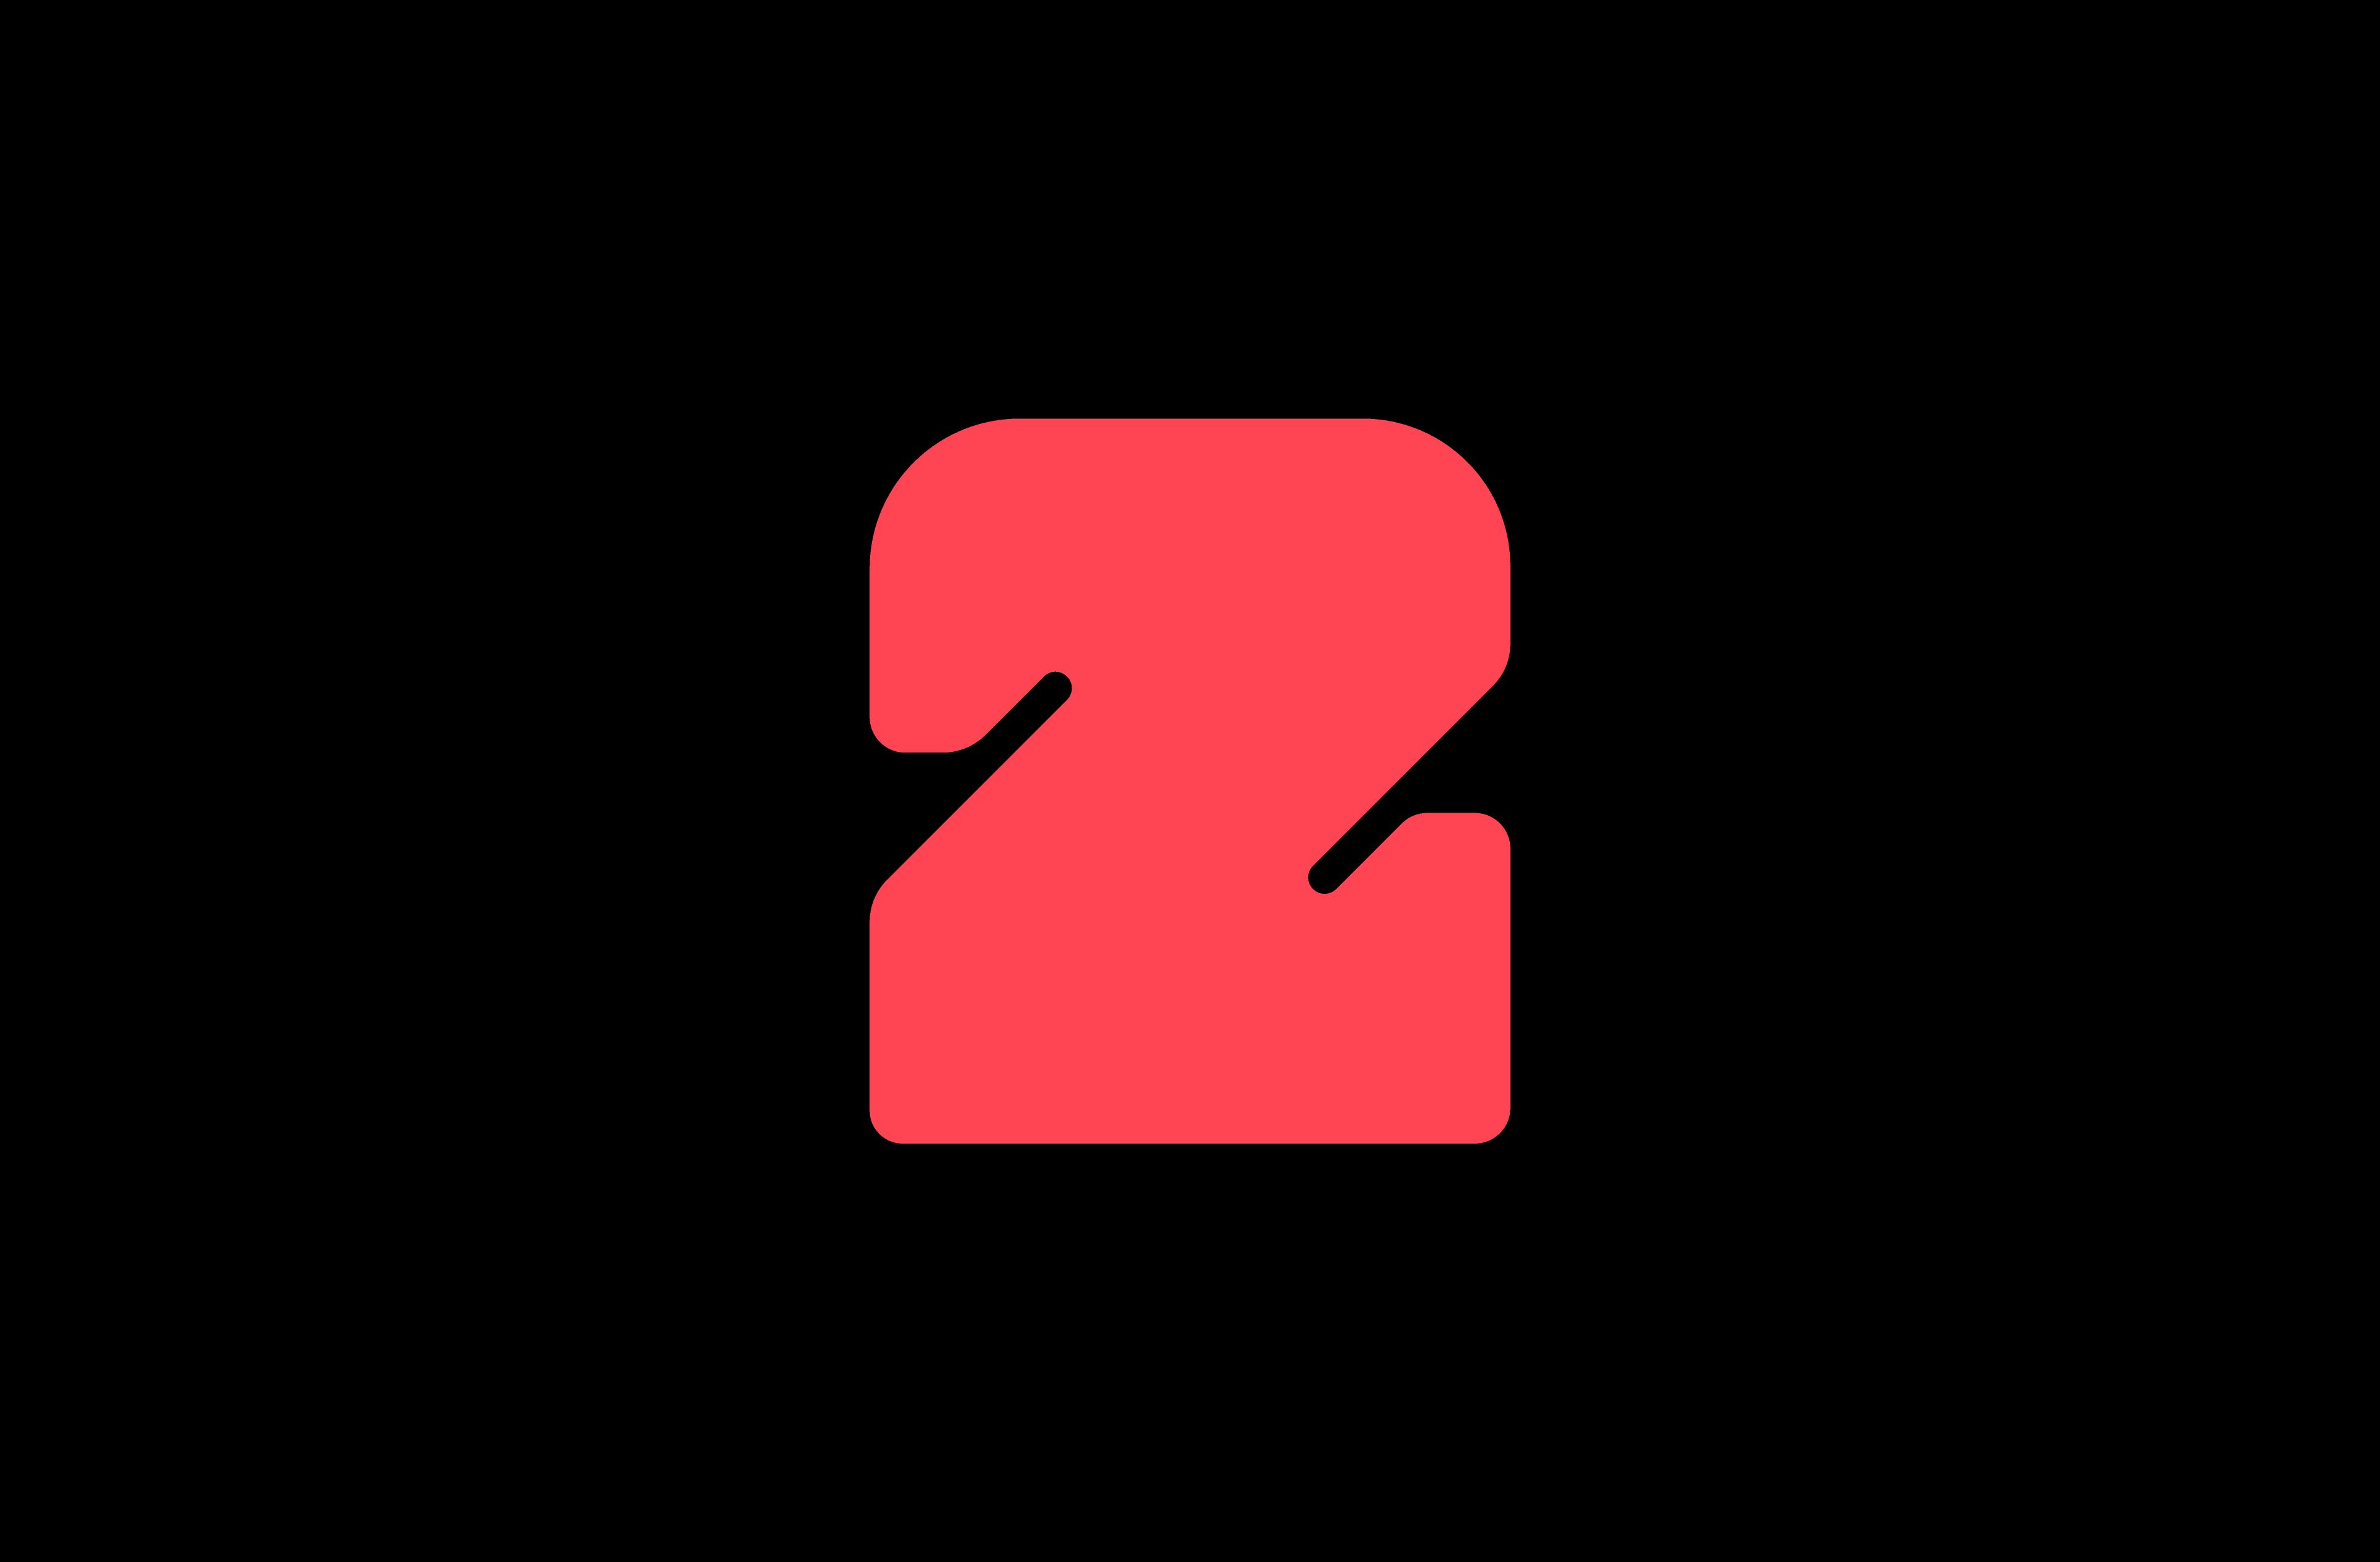 FT-2-2x